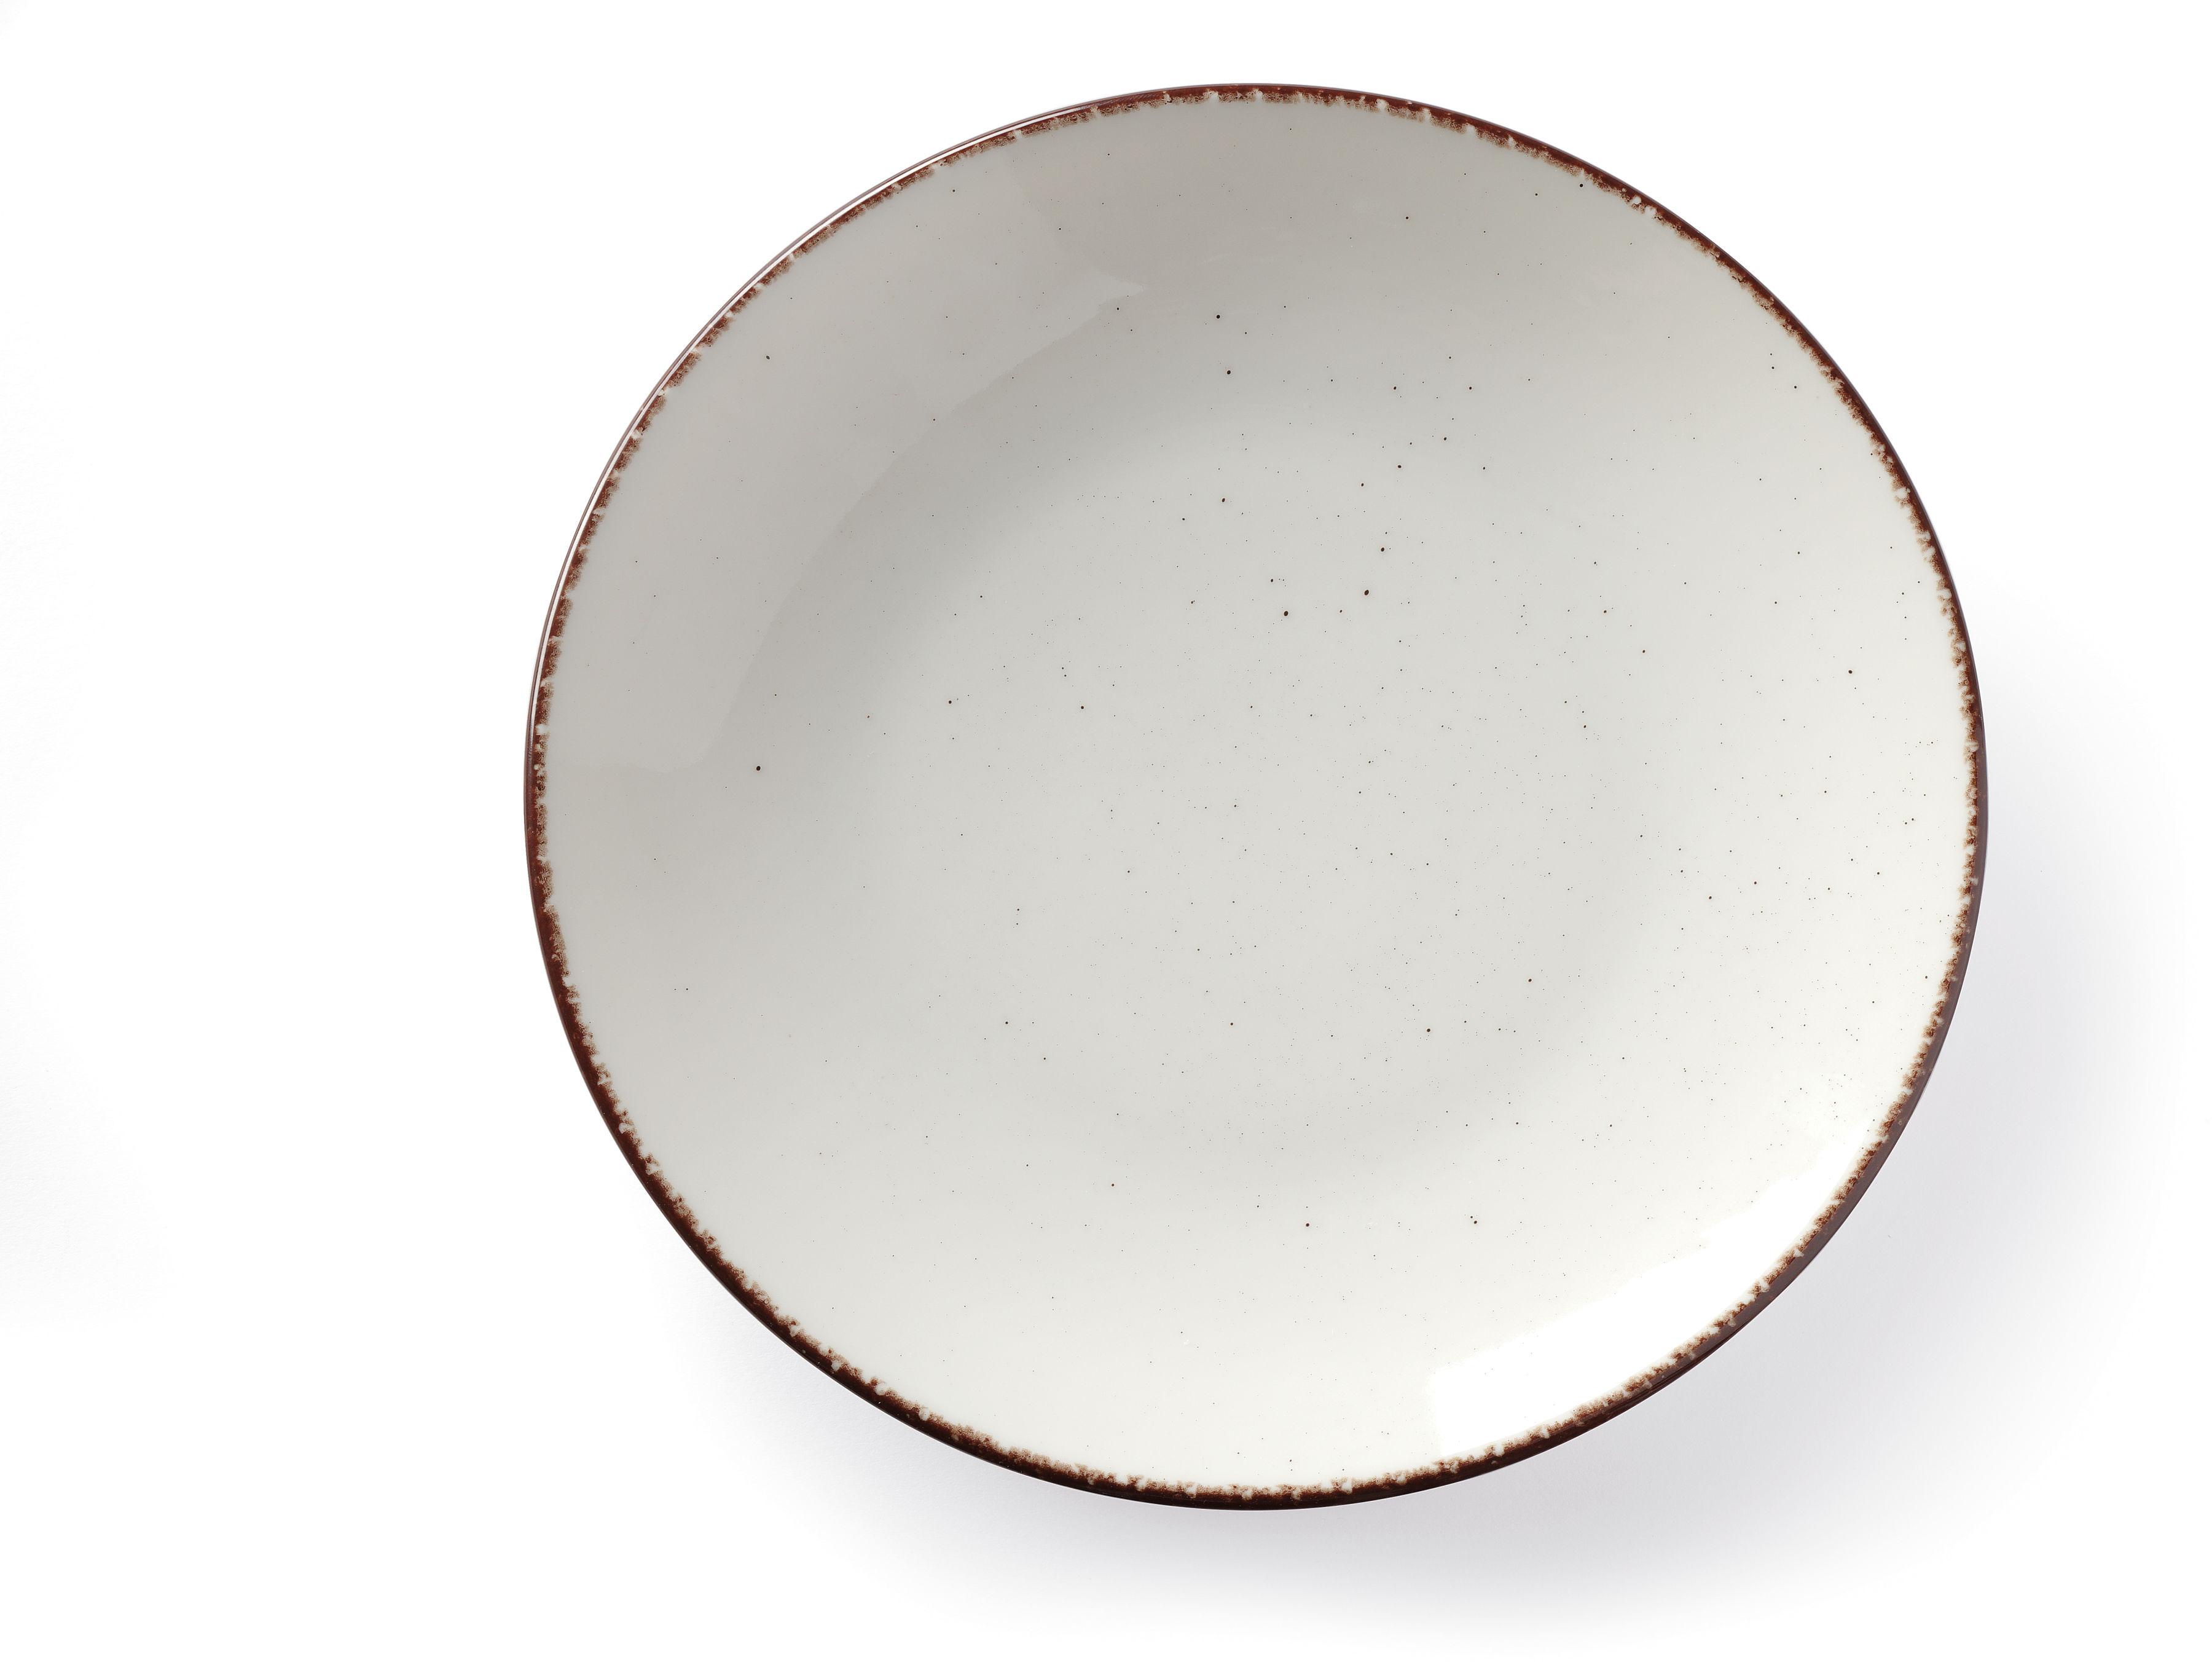 Talerz płytki Opal 270 mm porcelana Fine Dine 774465